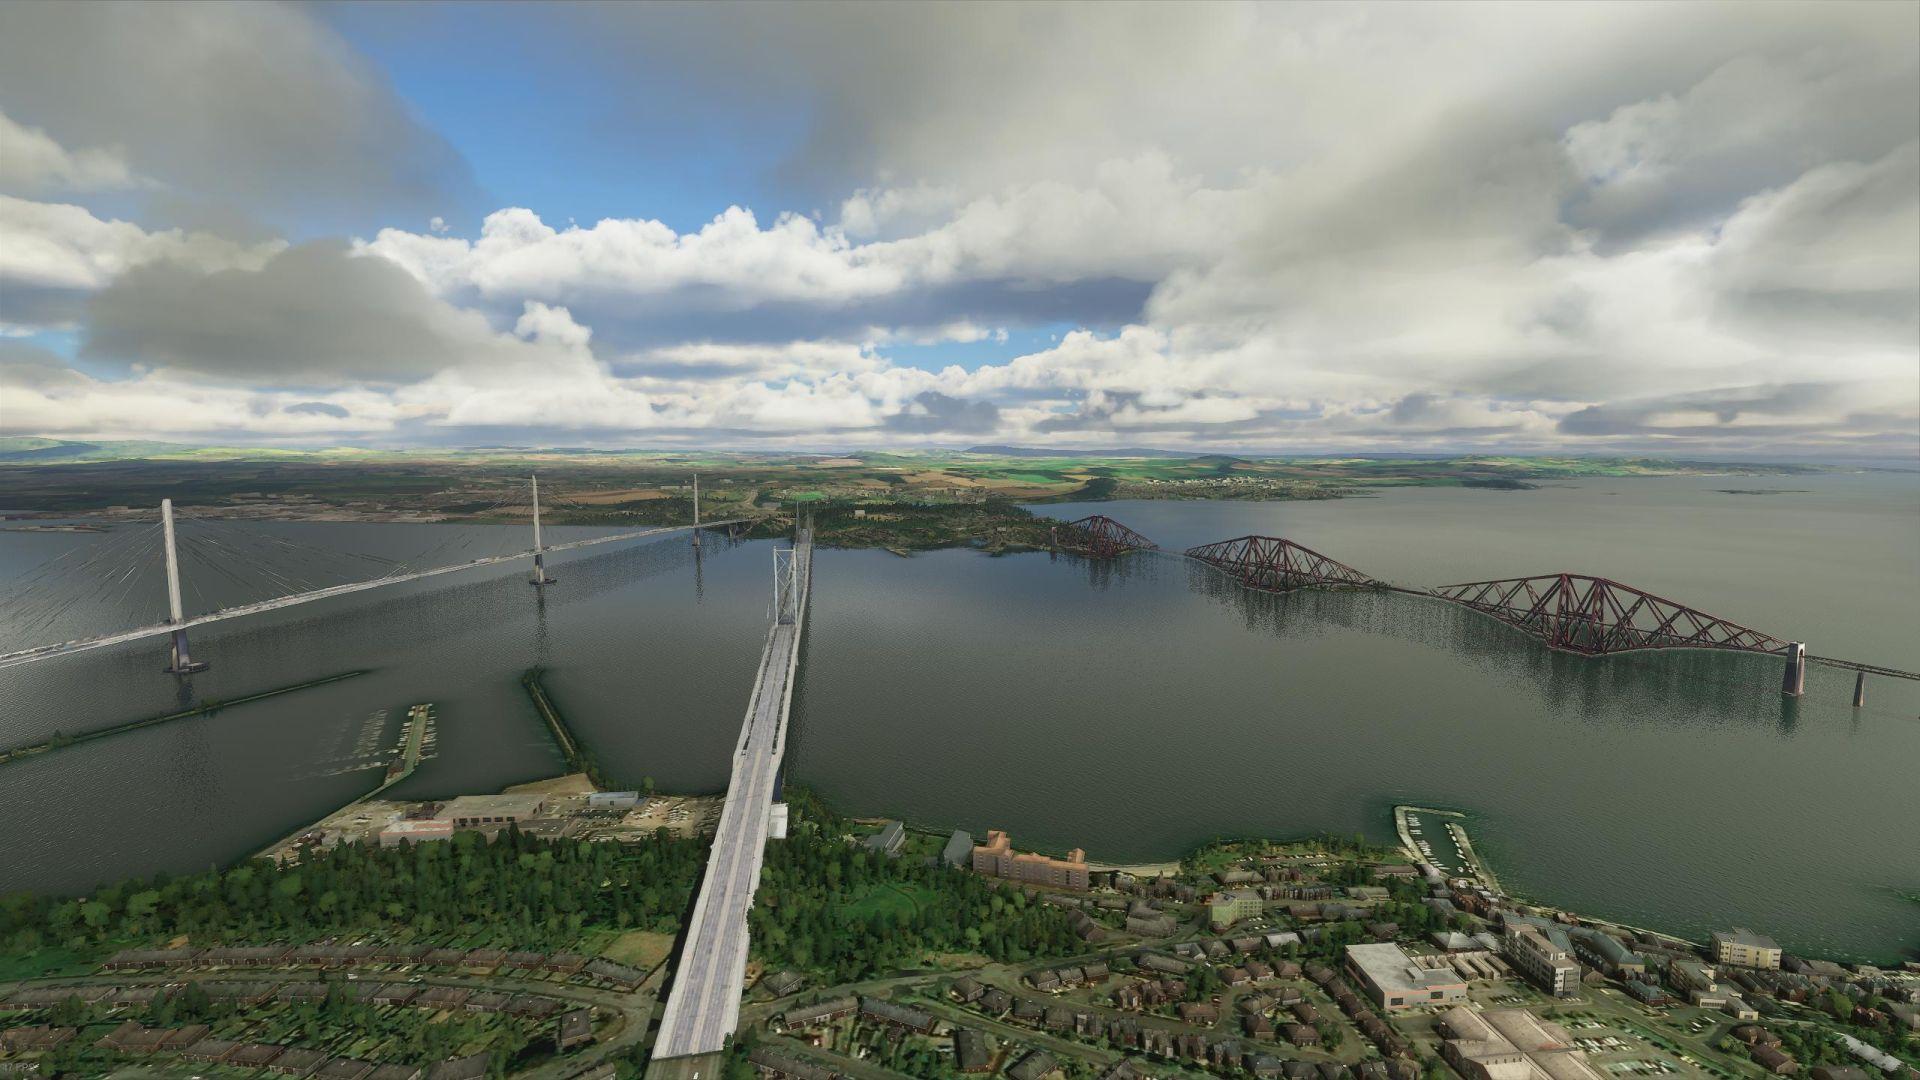 Un Microsoft Flight Simulator que muestra los tres puentes que cruzan el río Forth de Escocia